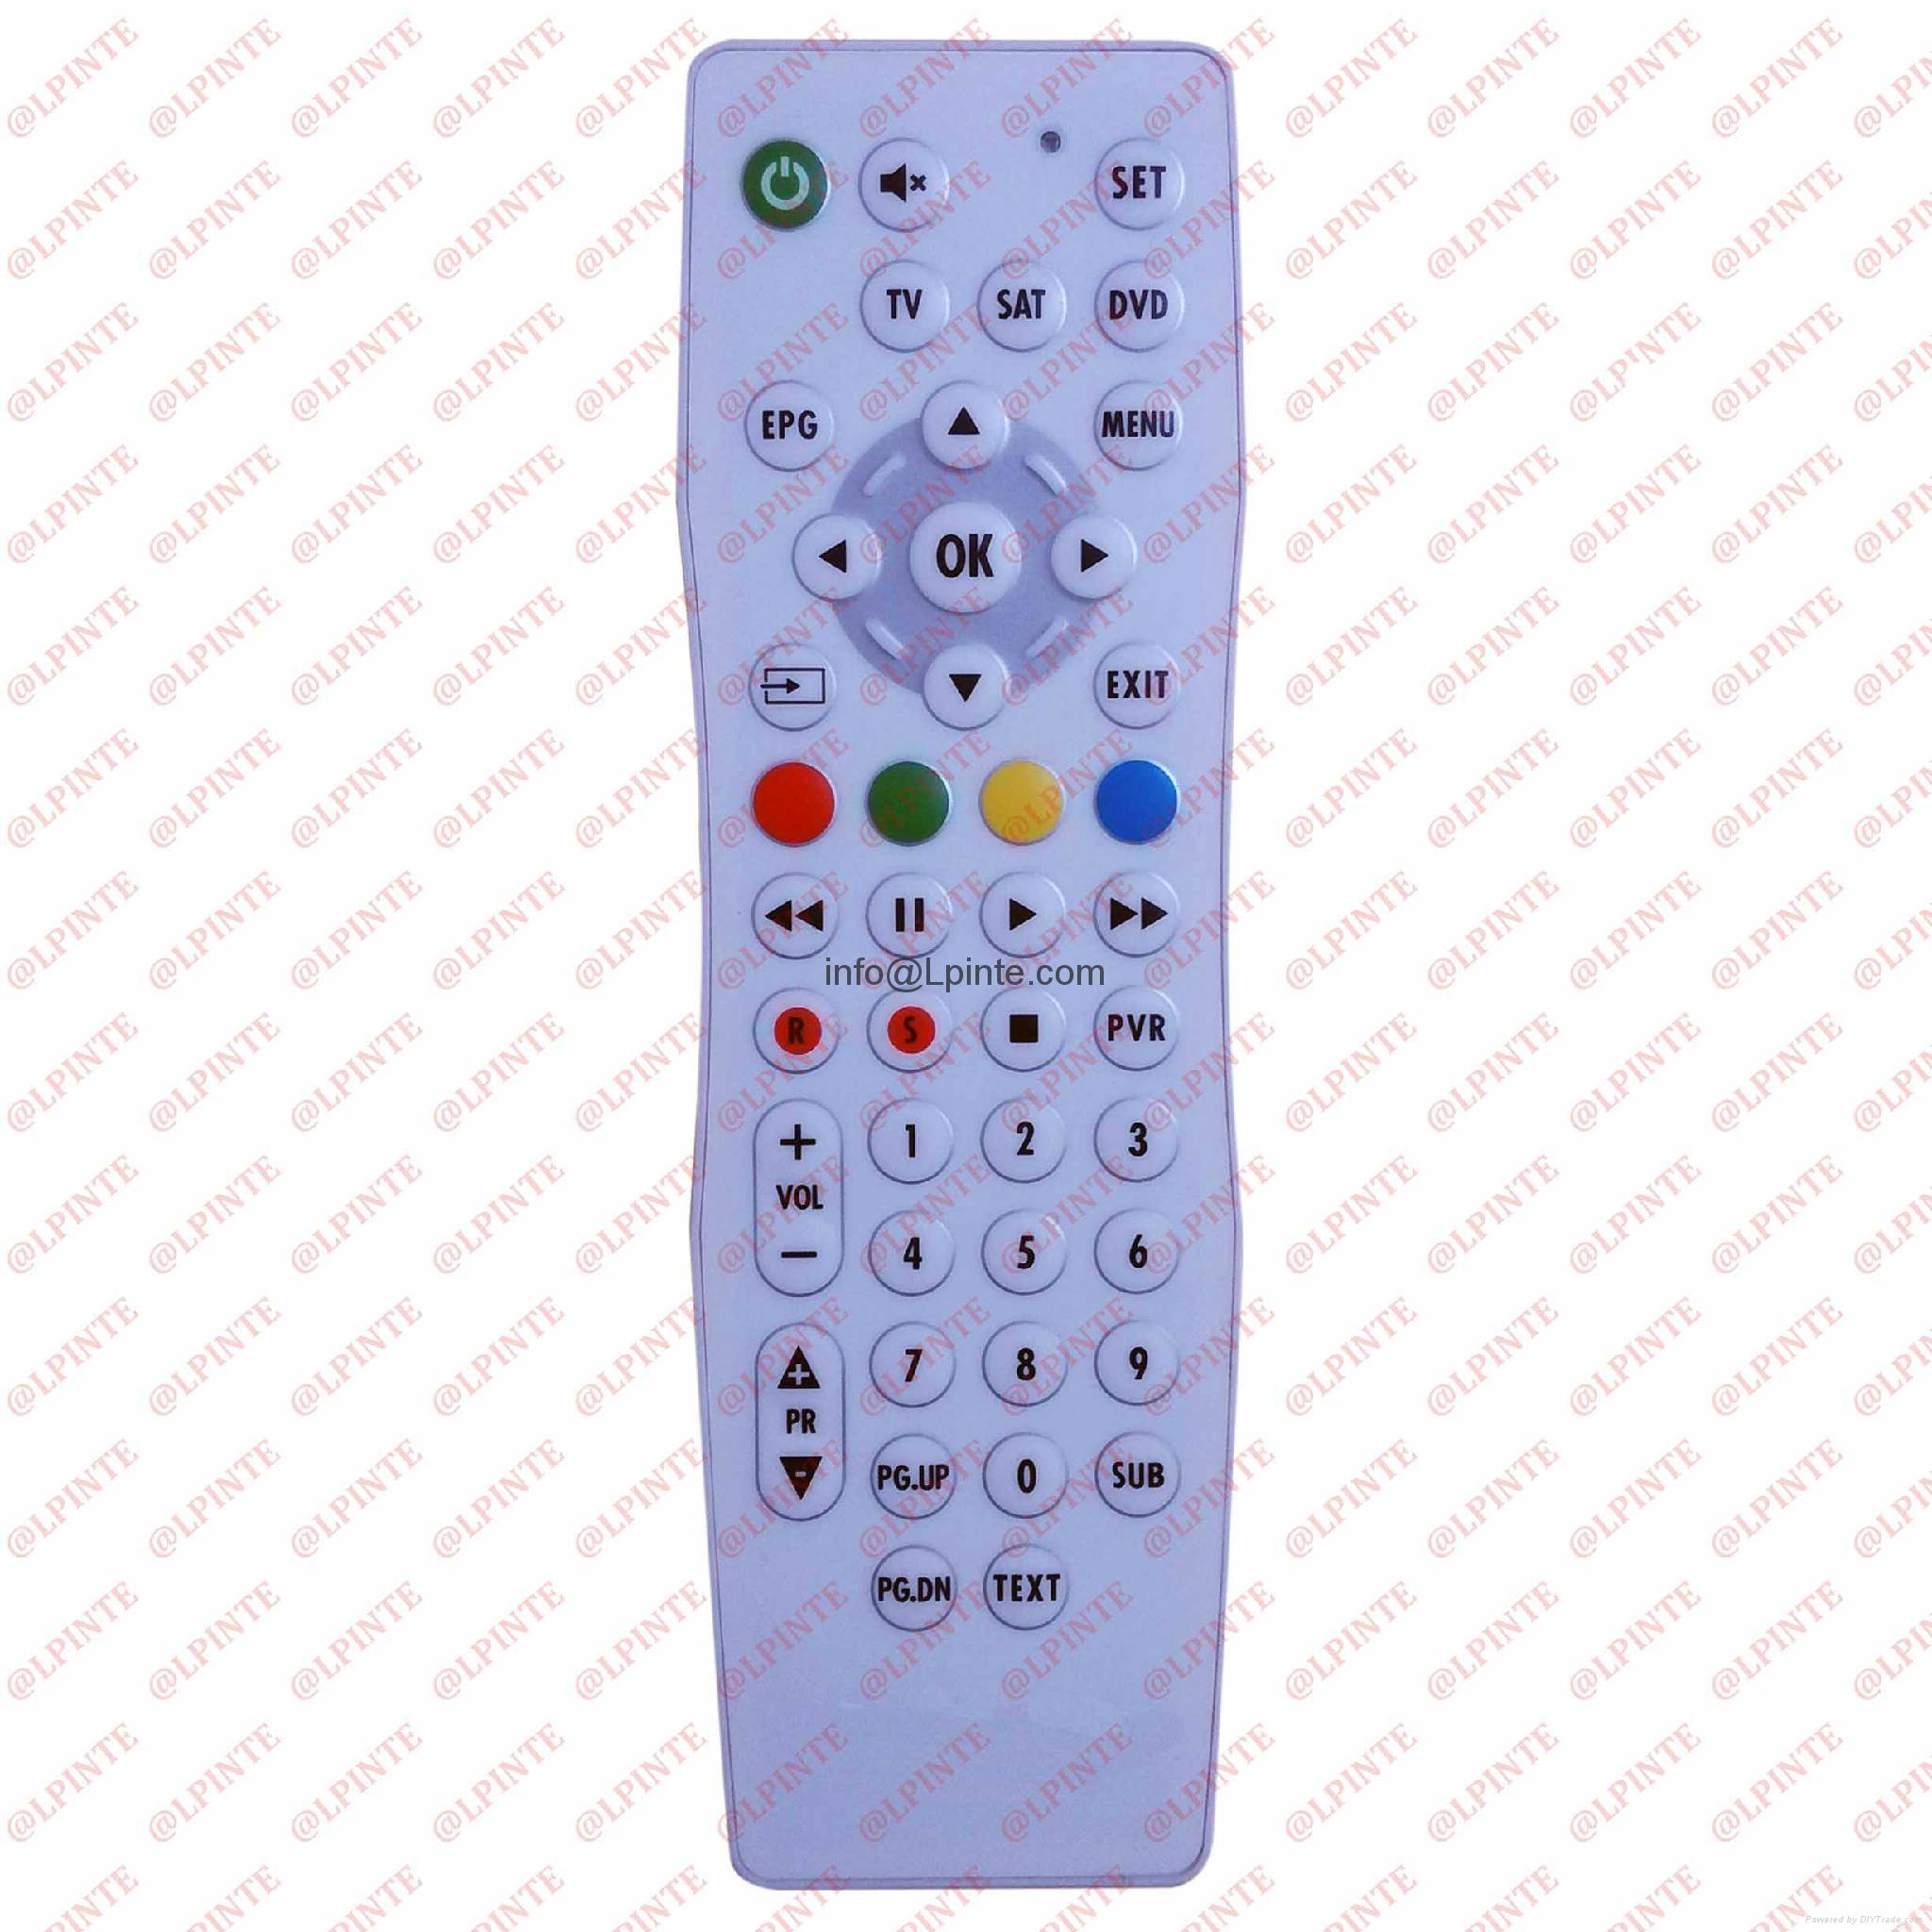 健康防水遥控器电视机顶盒 4